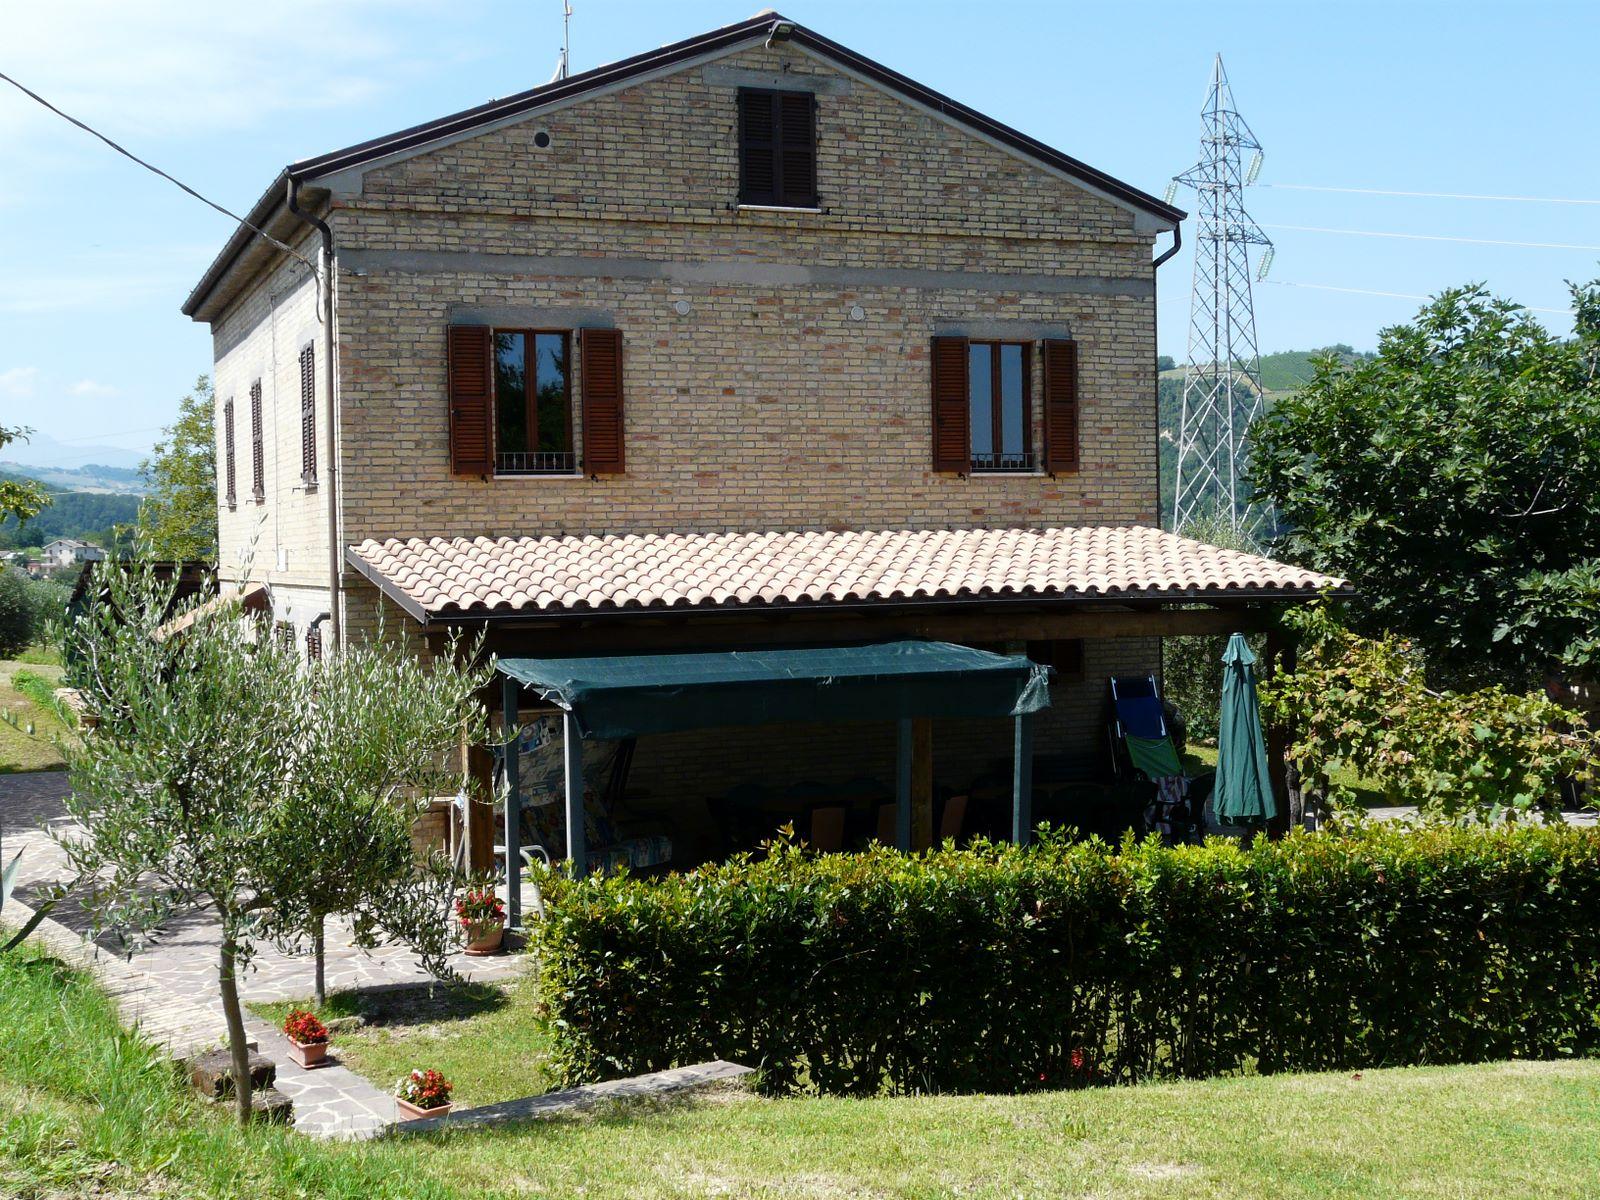 Ferienhaus La Priora (870401), Montedinove, Ascoli Piceno, Marken, Italien, Bild 30